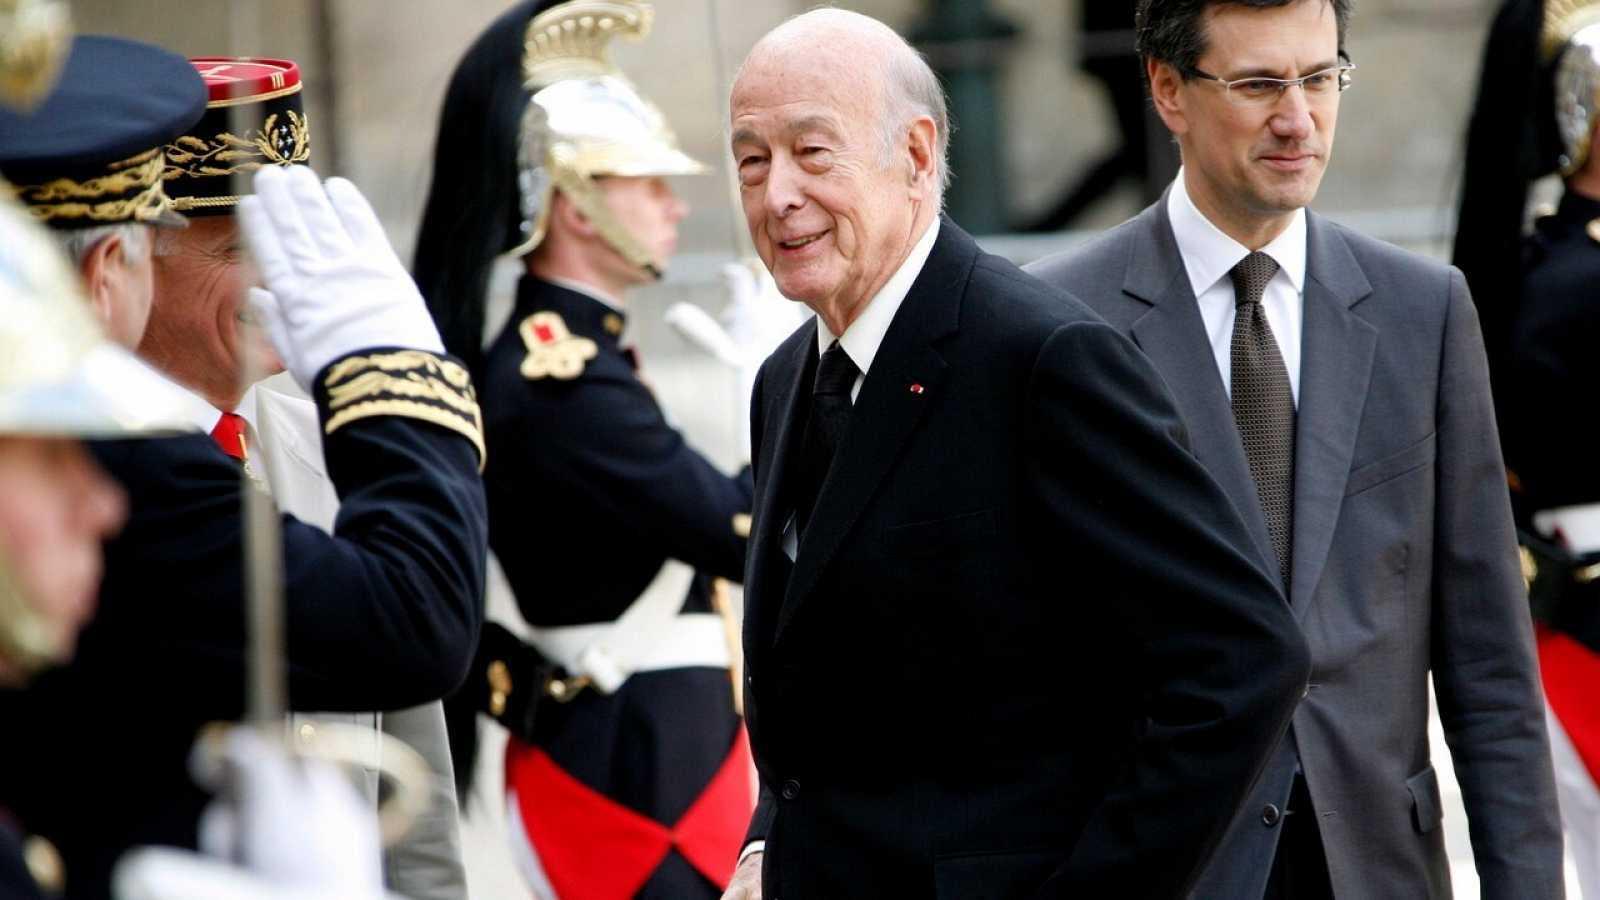 Las mañanas de RNE con Íñigo Alfonso - Francia despide al expresidente Valéry Giscard d'Estaing - Escuchar ahora